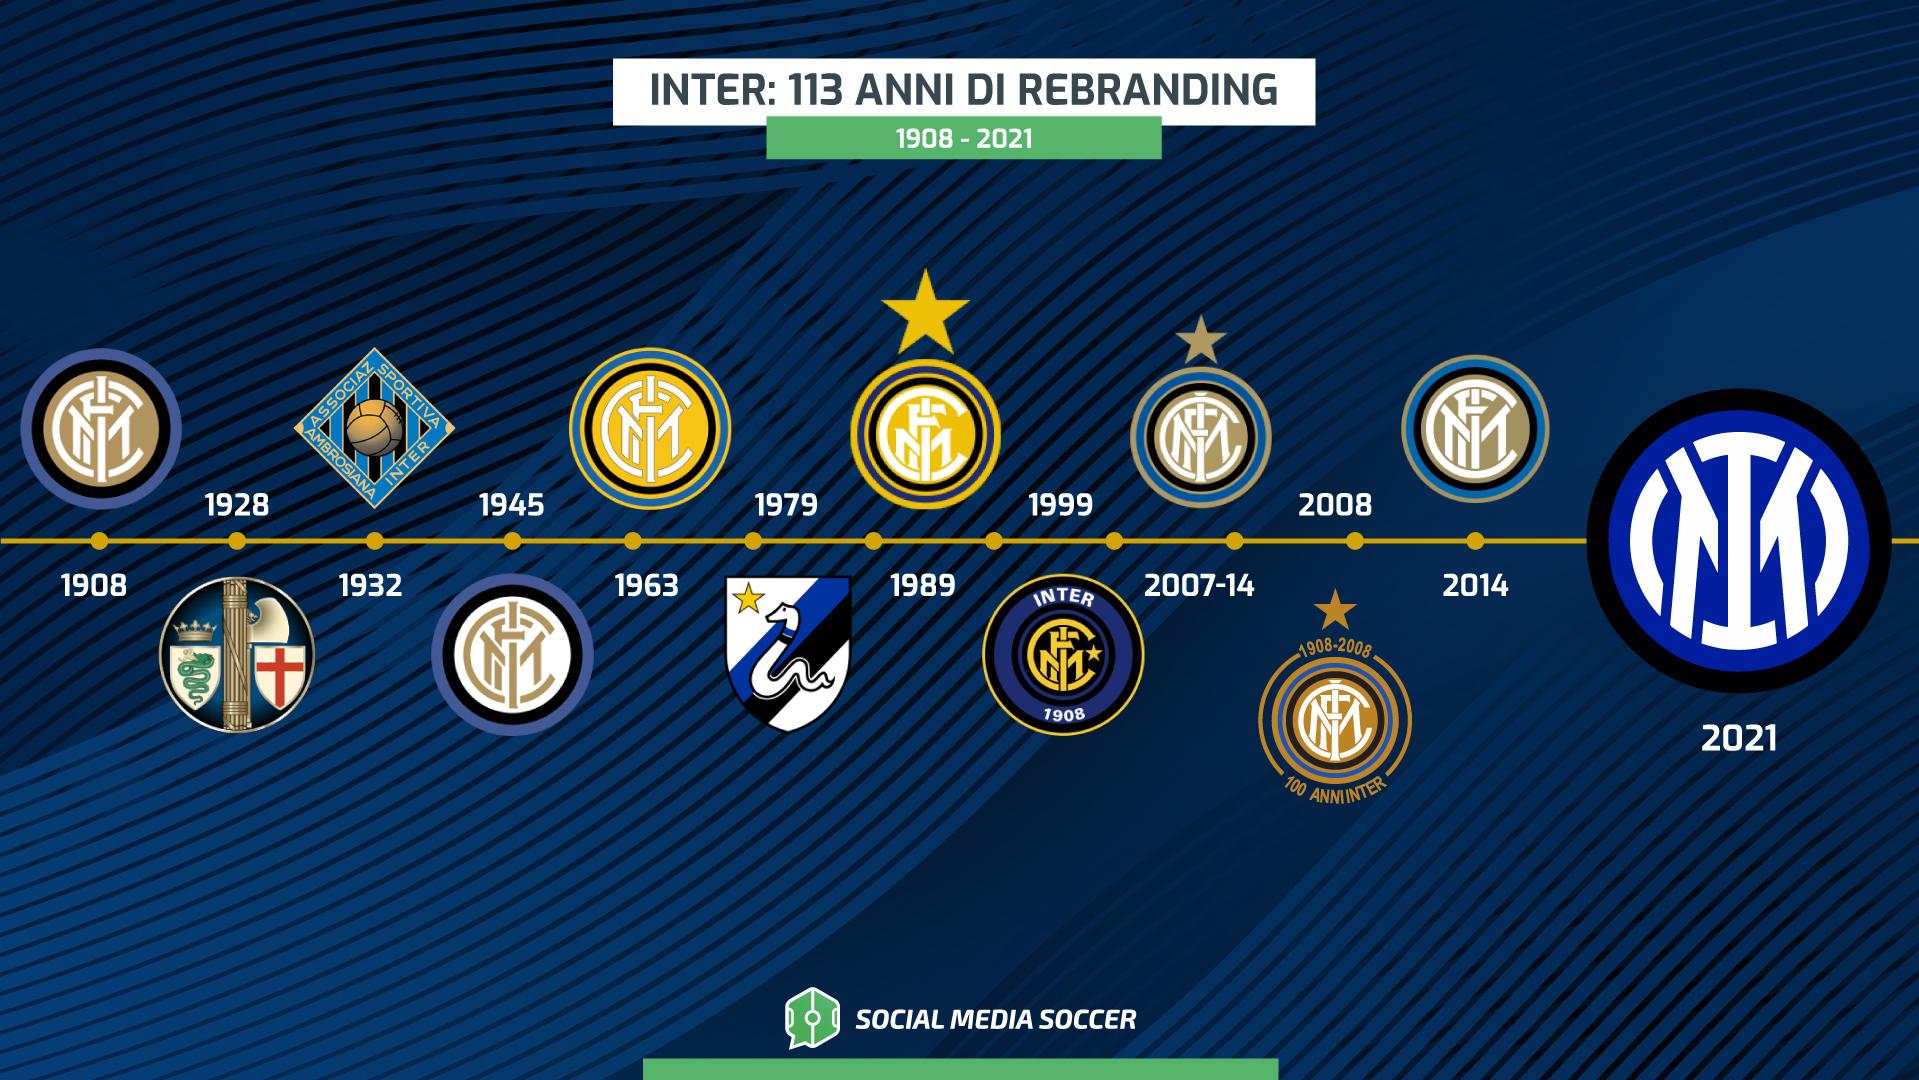 Ecco tutti i loghi della storia dell'Inter